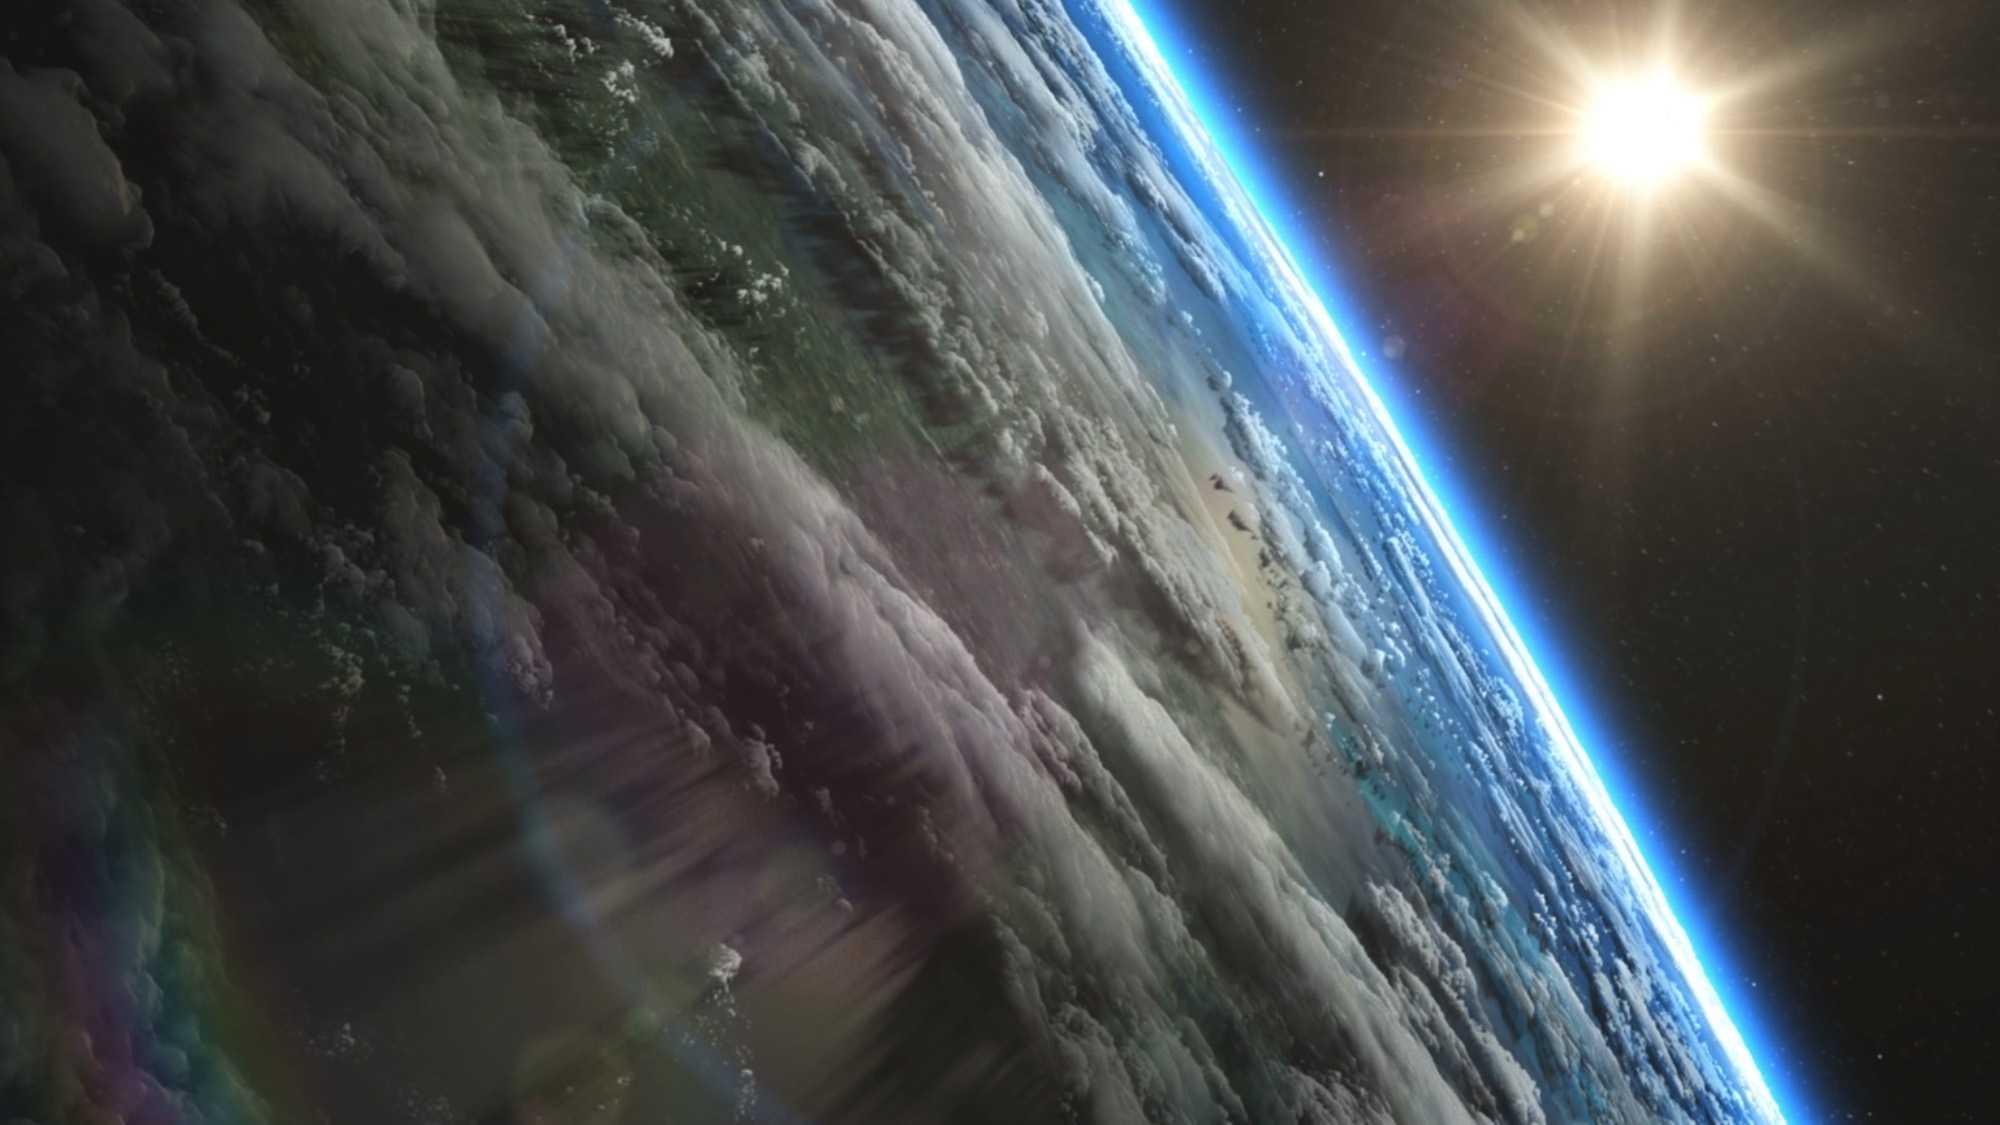 Das Bild zeigt eine Weltraumaufnahme der Erde. Es sind einzelne Länder sowie Wolken zu erkennen. Am Horizont leuchtet die Erdatmosphäre. Die rechte Ecke des Bildes zeigt die Sonne, sie scheint. Das Bild dient als Making Of Bild für den Portfolioeintrag Munich Aerospace Imagefilm von Panda Pictures.